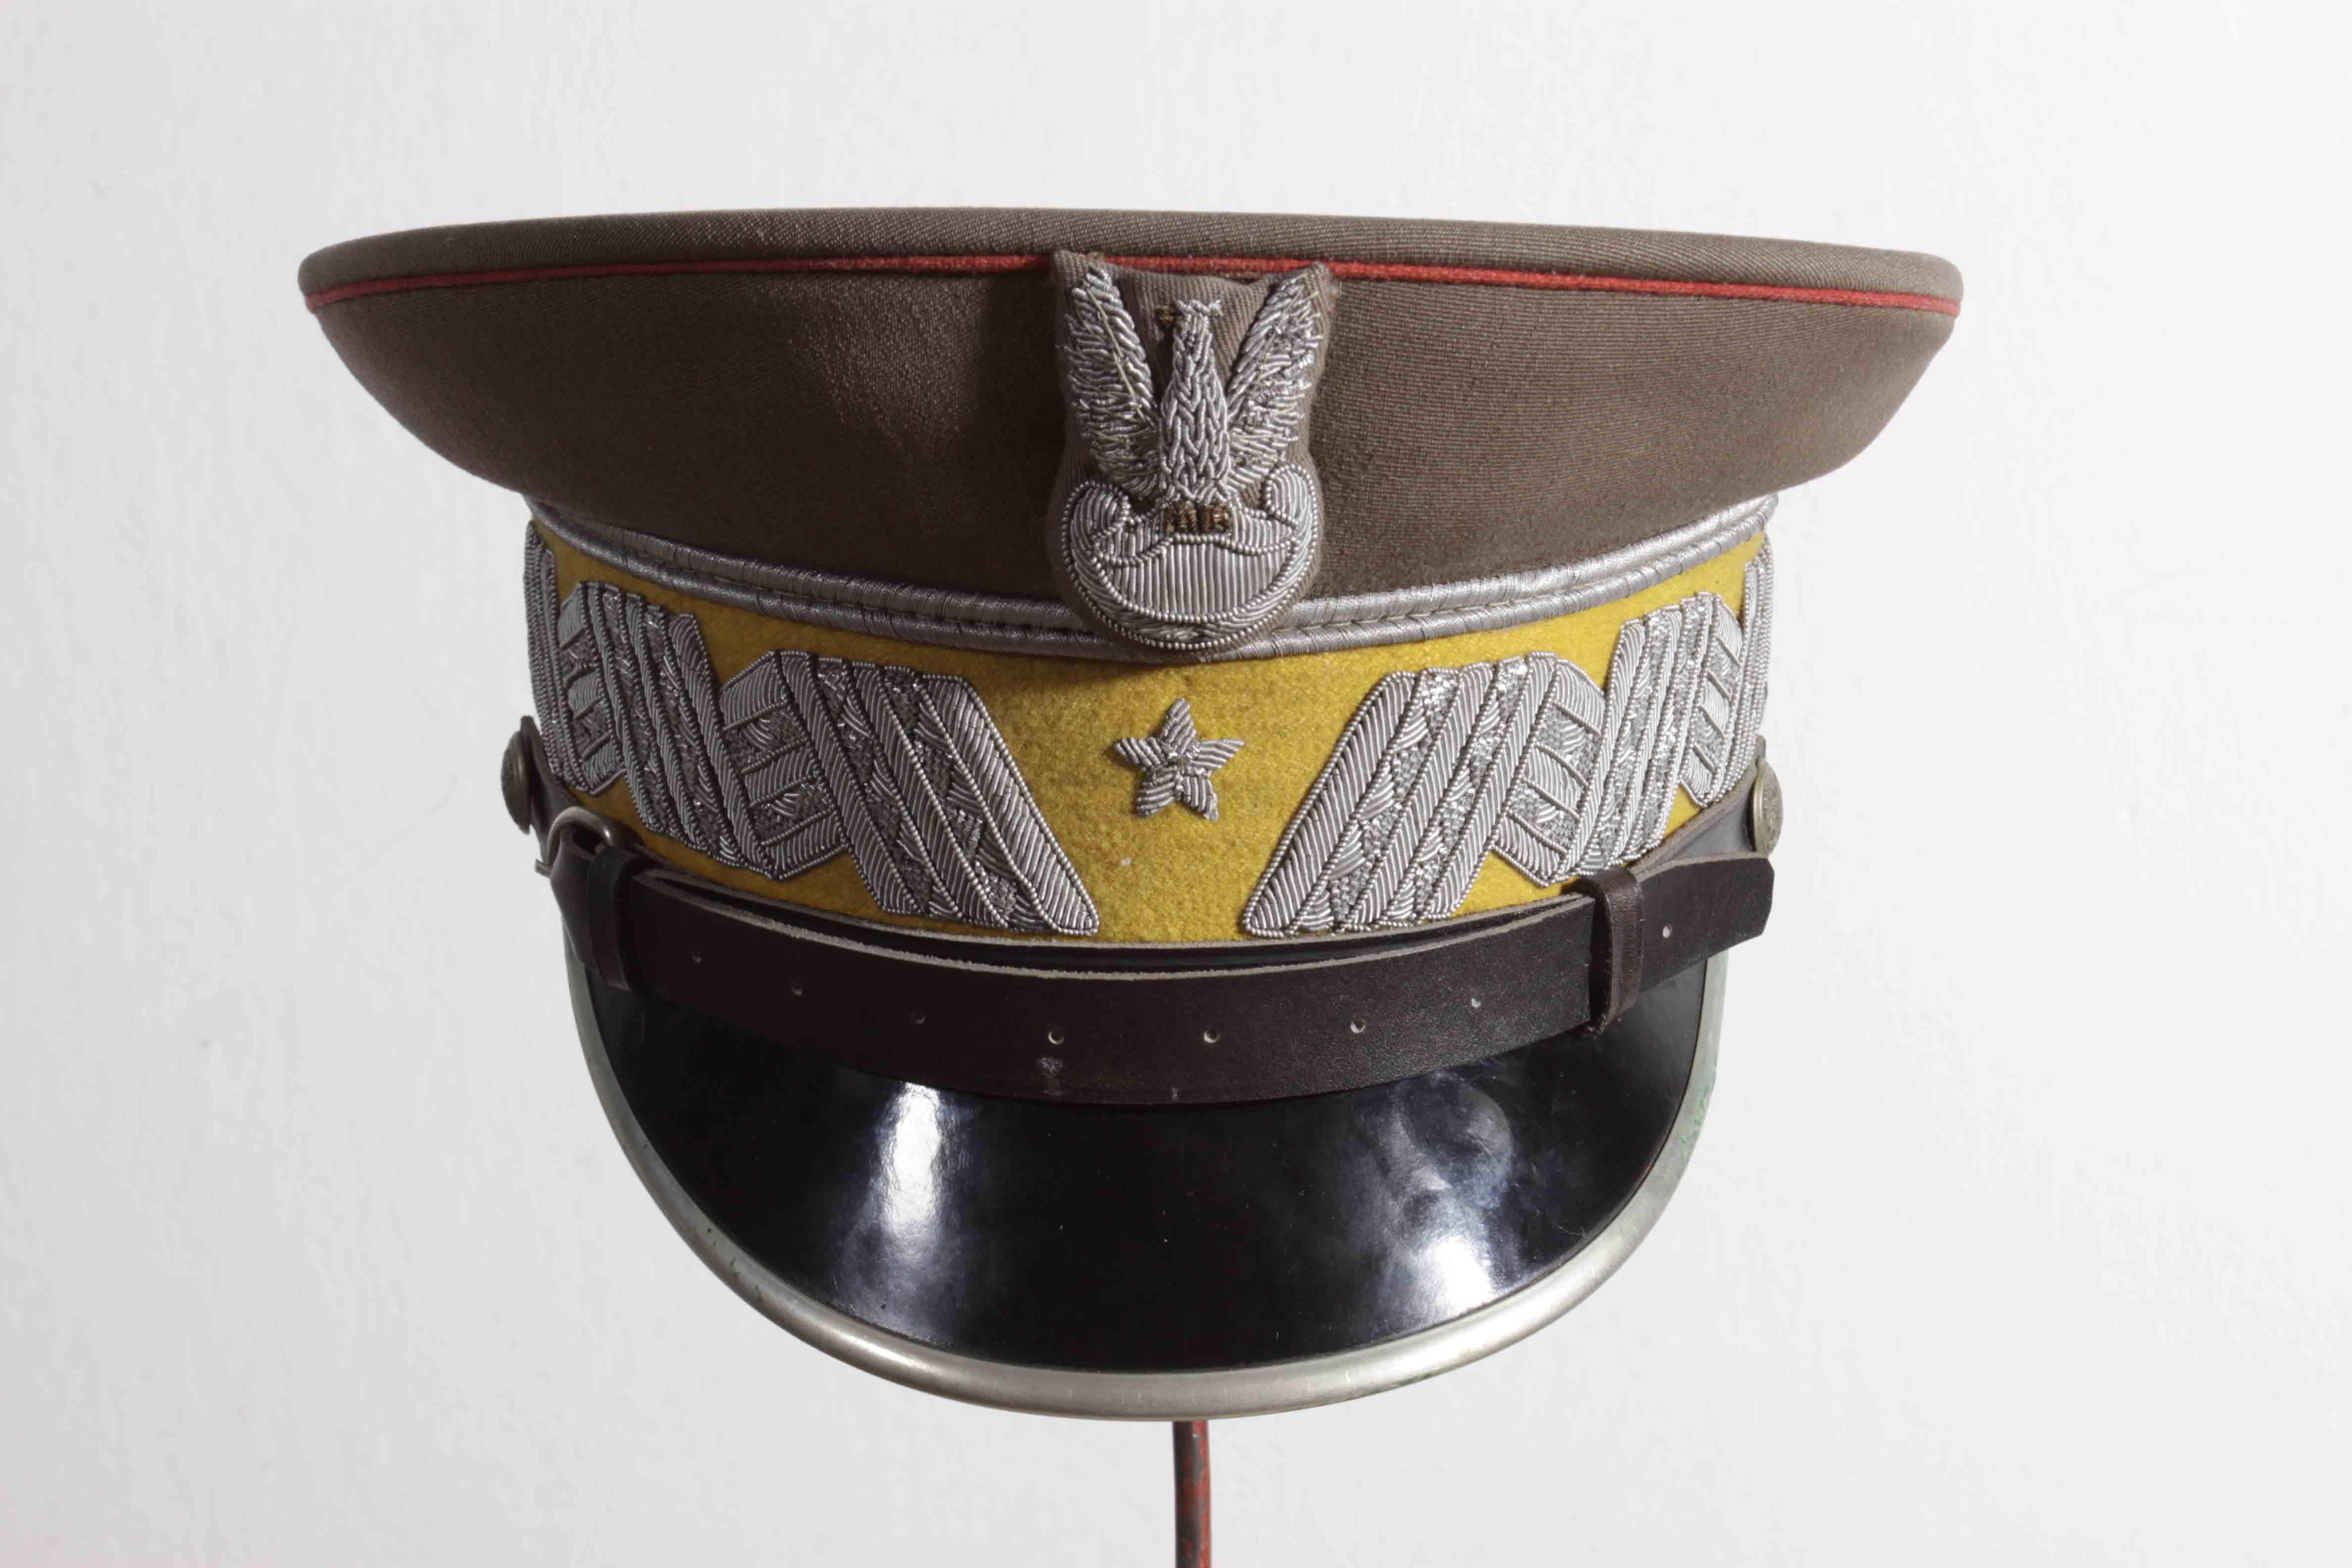 Czapka garnizonowa dowódcy 1. Warszawskiej Dywizji Zmechanizowanej generała brygady Andrzeja Frenia